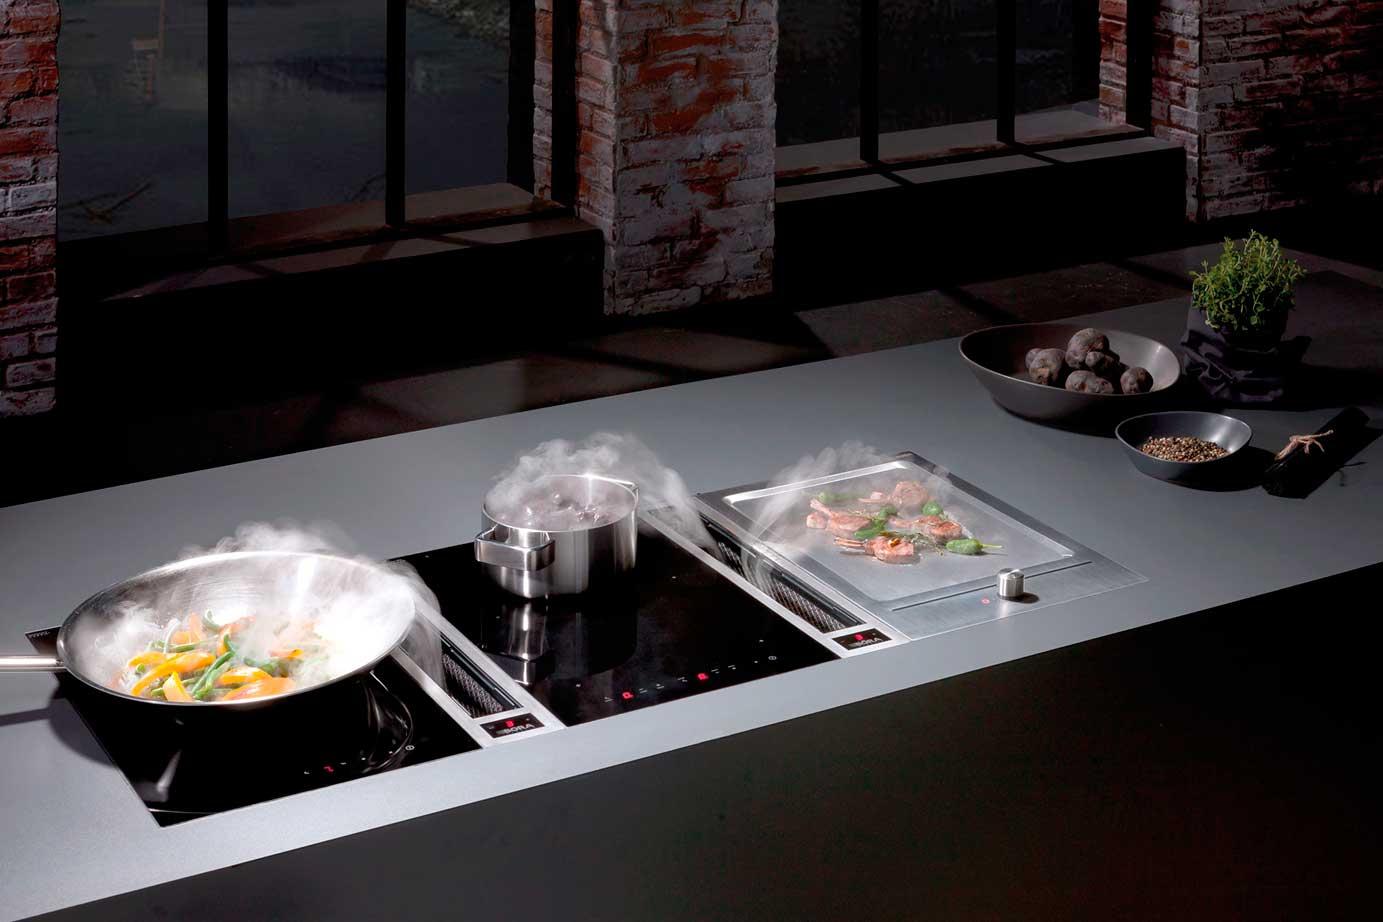 Keur Keukens Haarlem : Onze nieuwe keuken zelf ontworpen bij keur keukens haarlem en een